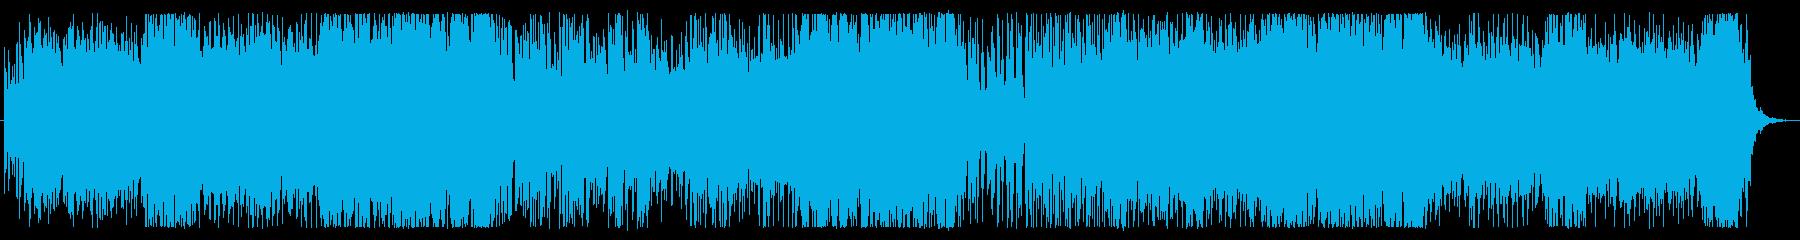 軽快なシンセ、インストの再生済みの波形